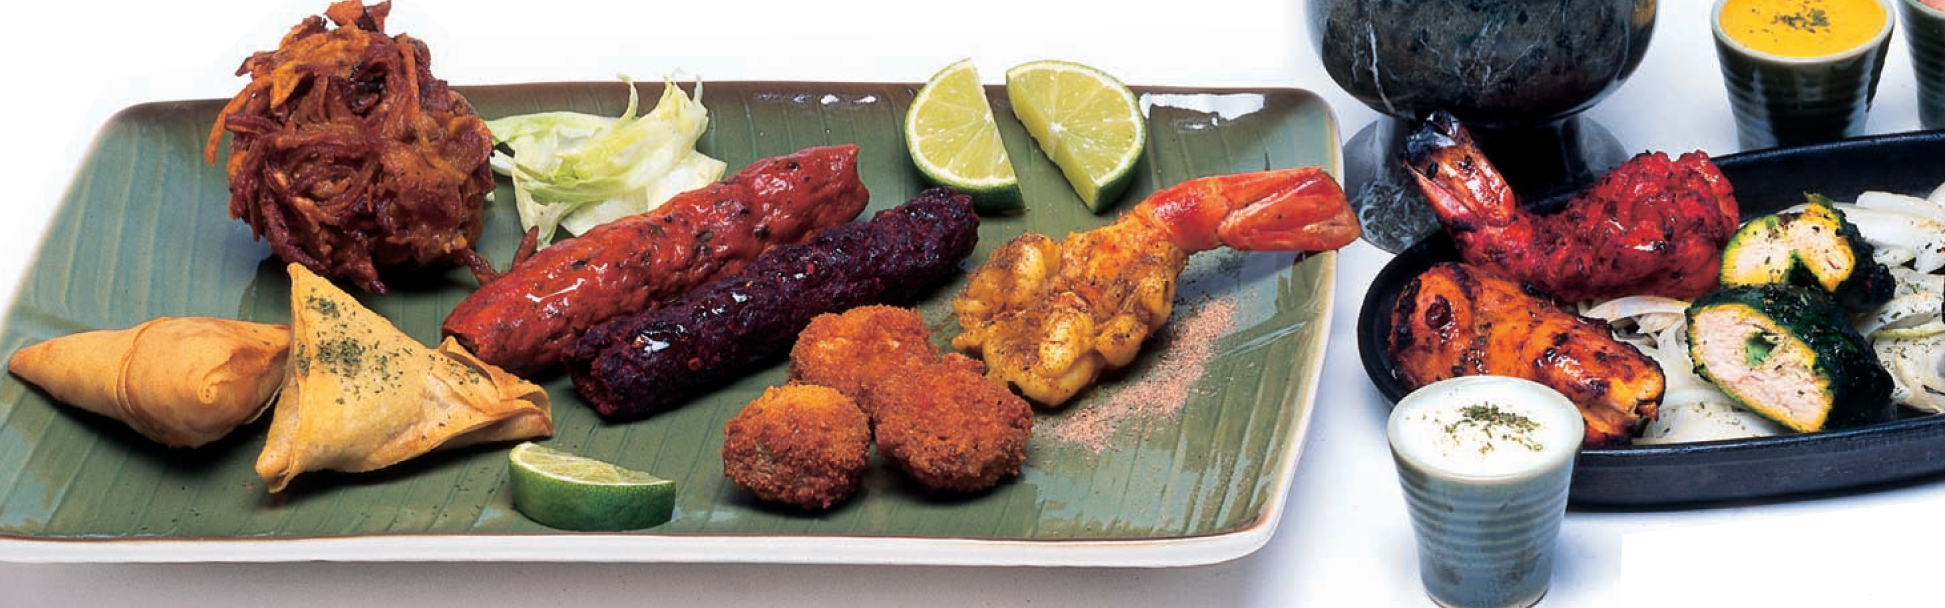 madhuban_menu_plate_kebabs copy.jpg